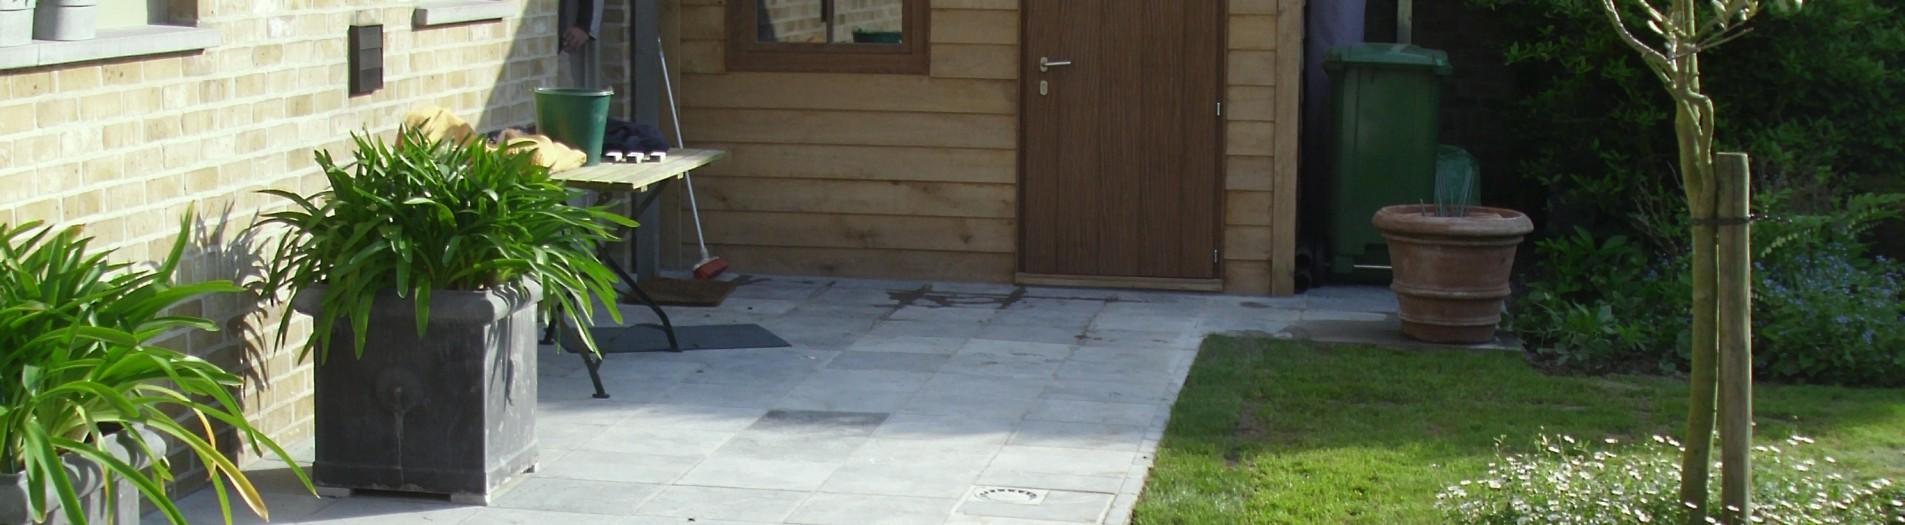 Natuursteen terras met eikenhouten tuinhuis